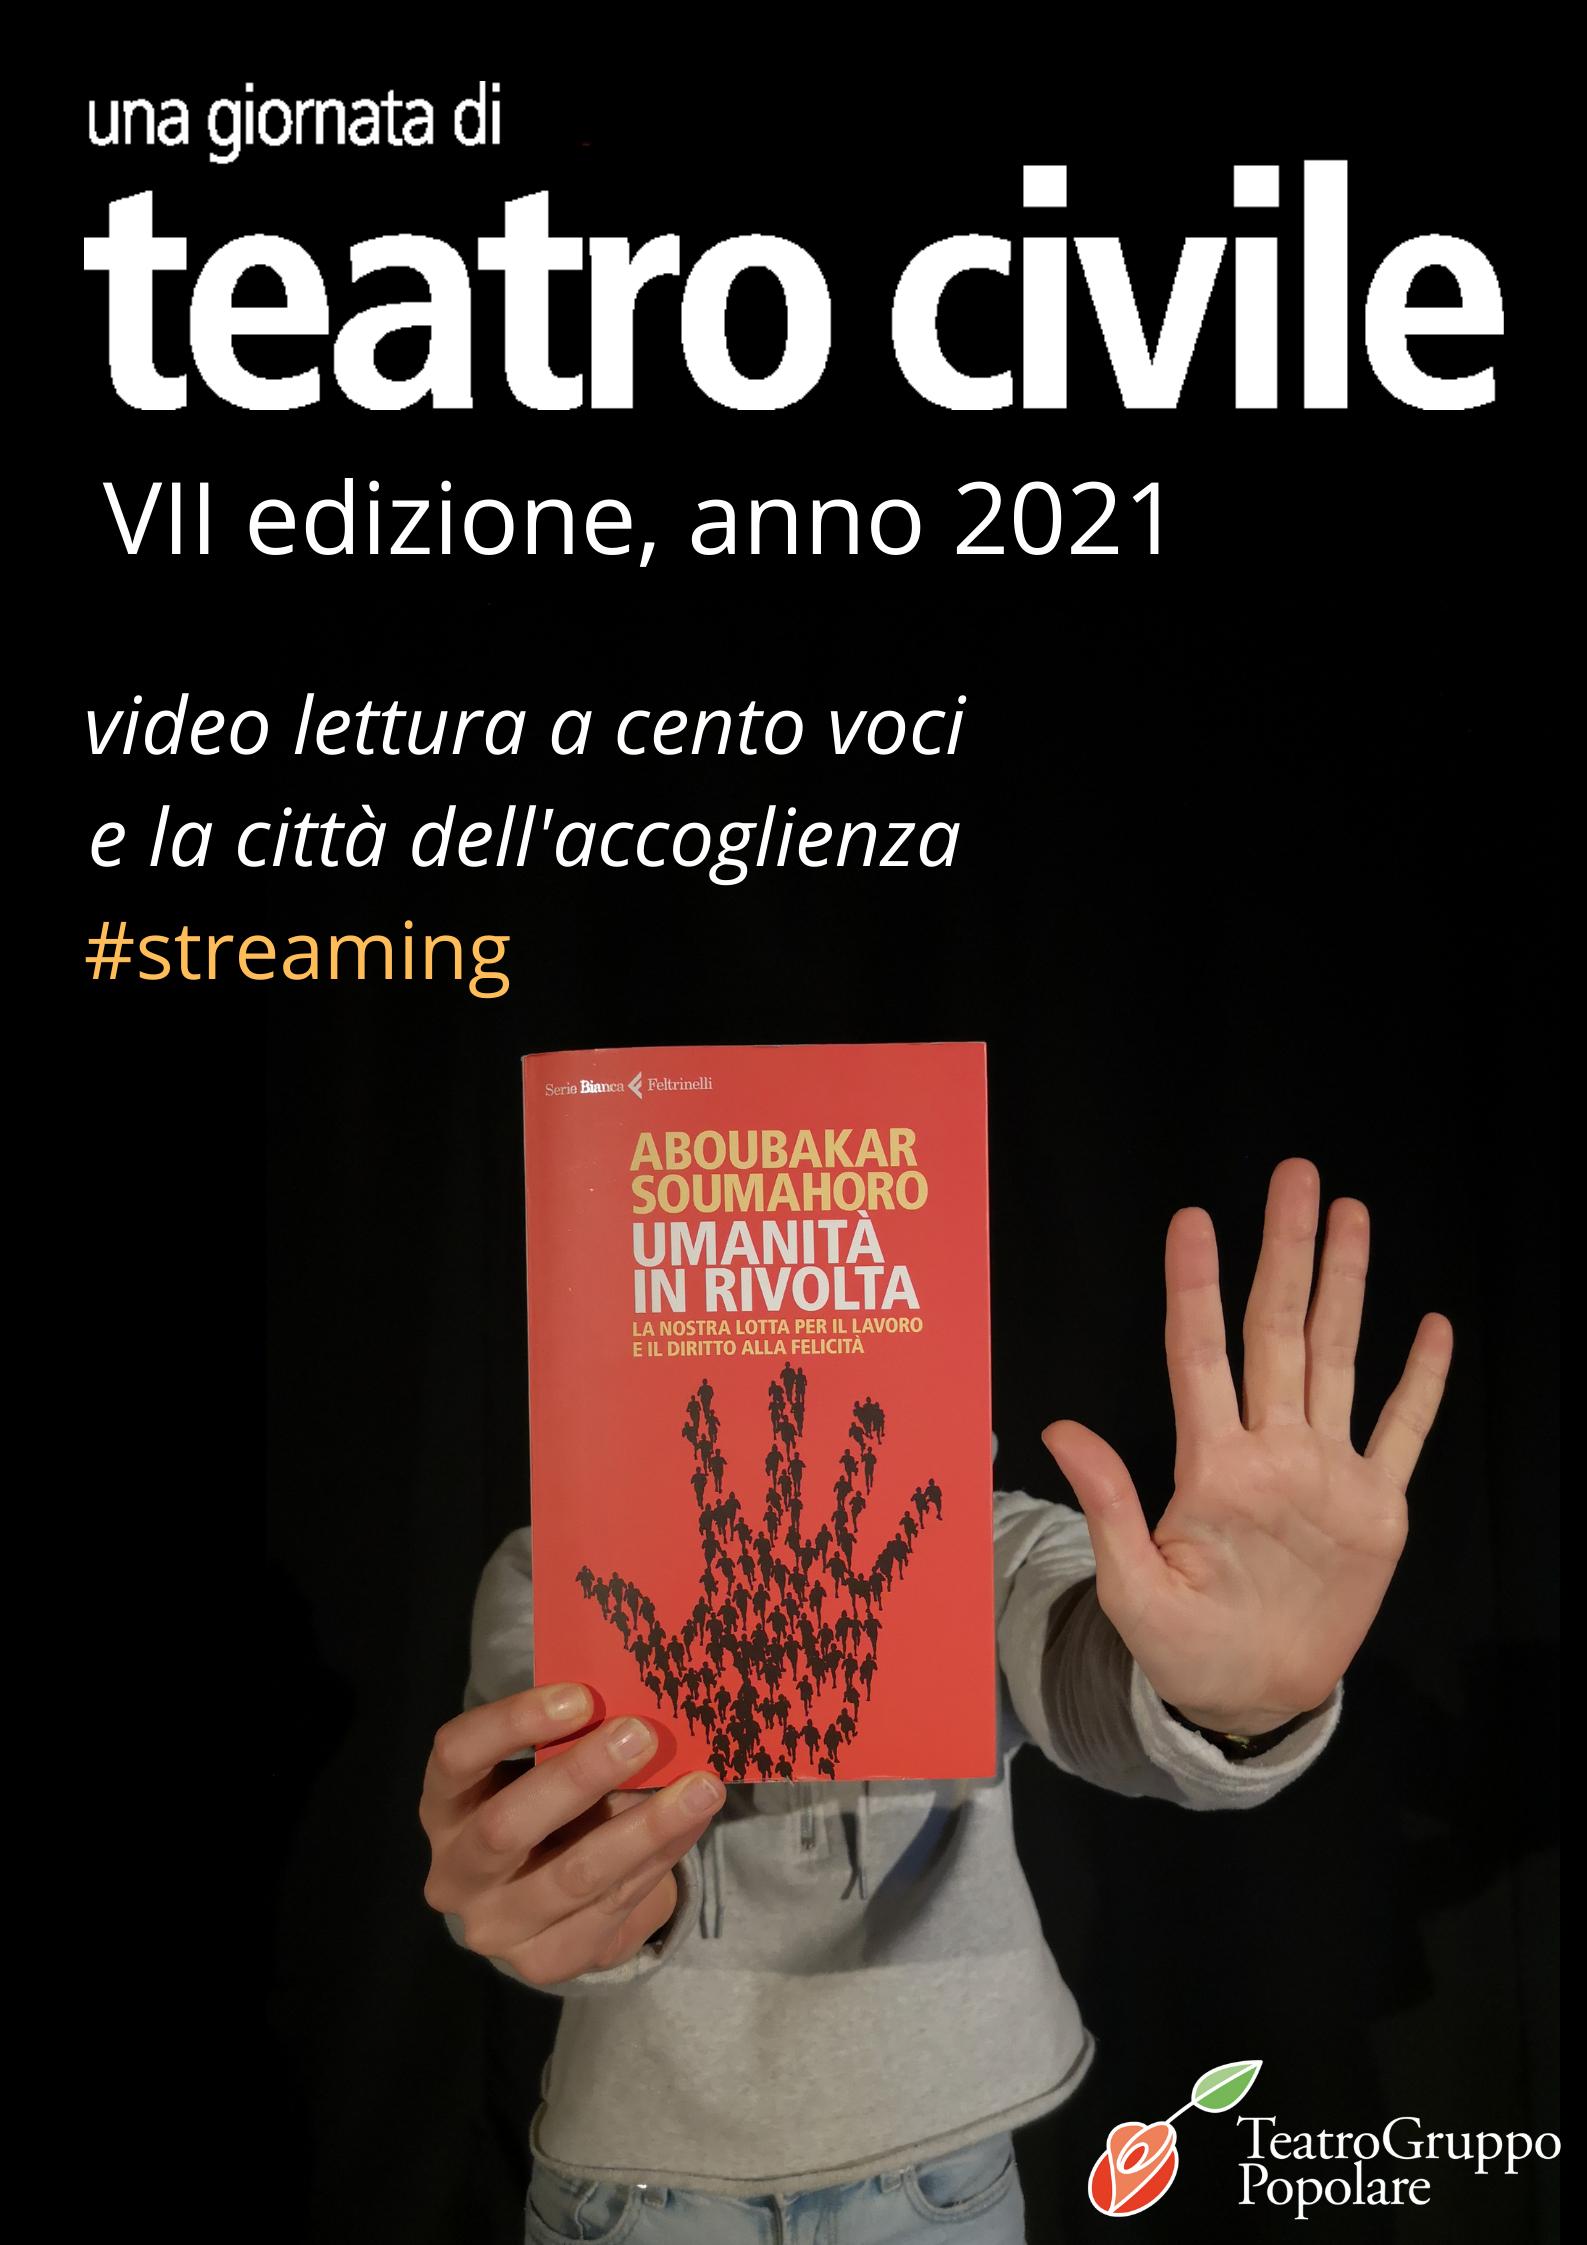 Una giornata di teatro civile VII edizione